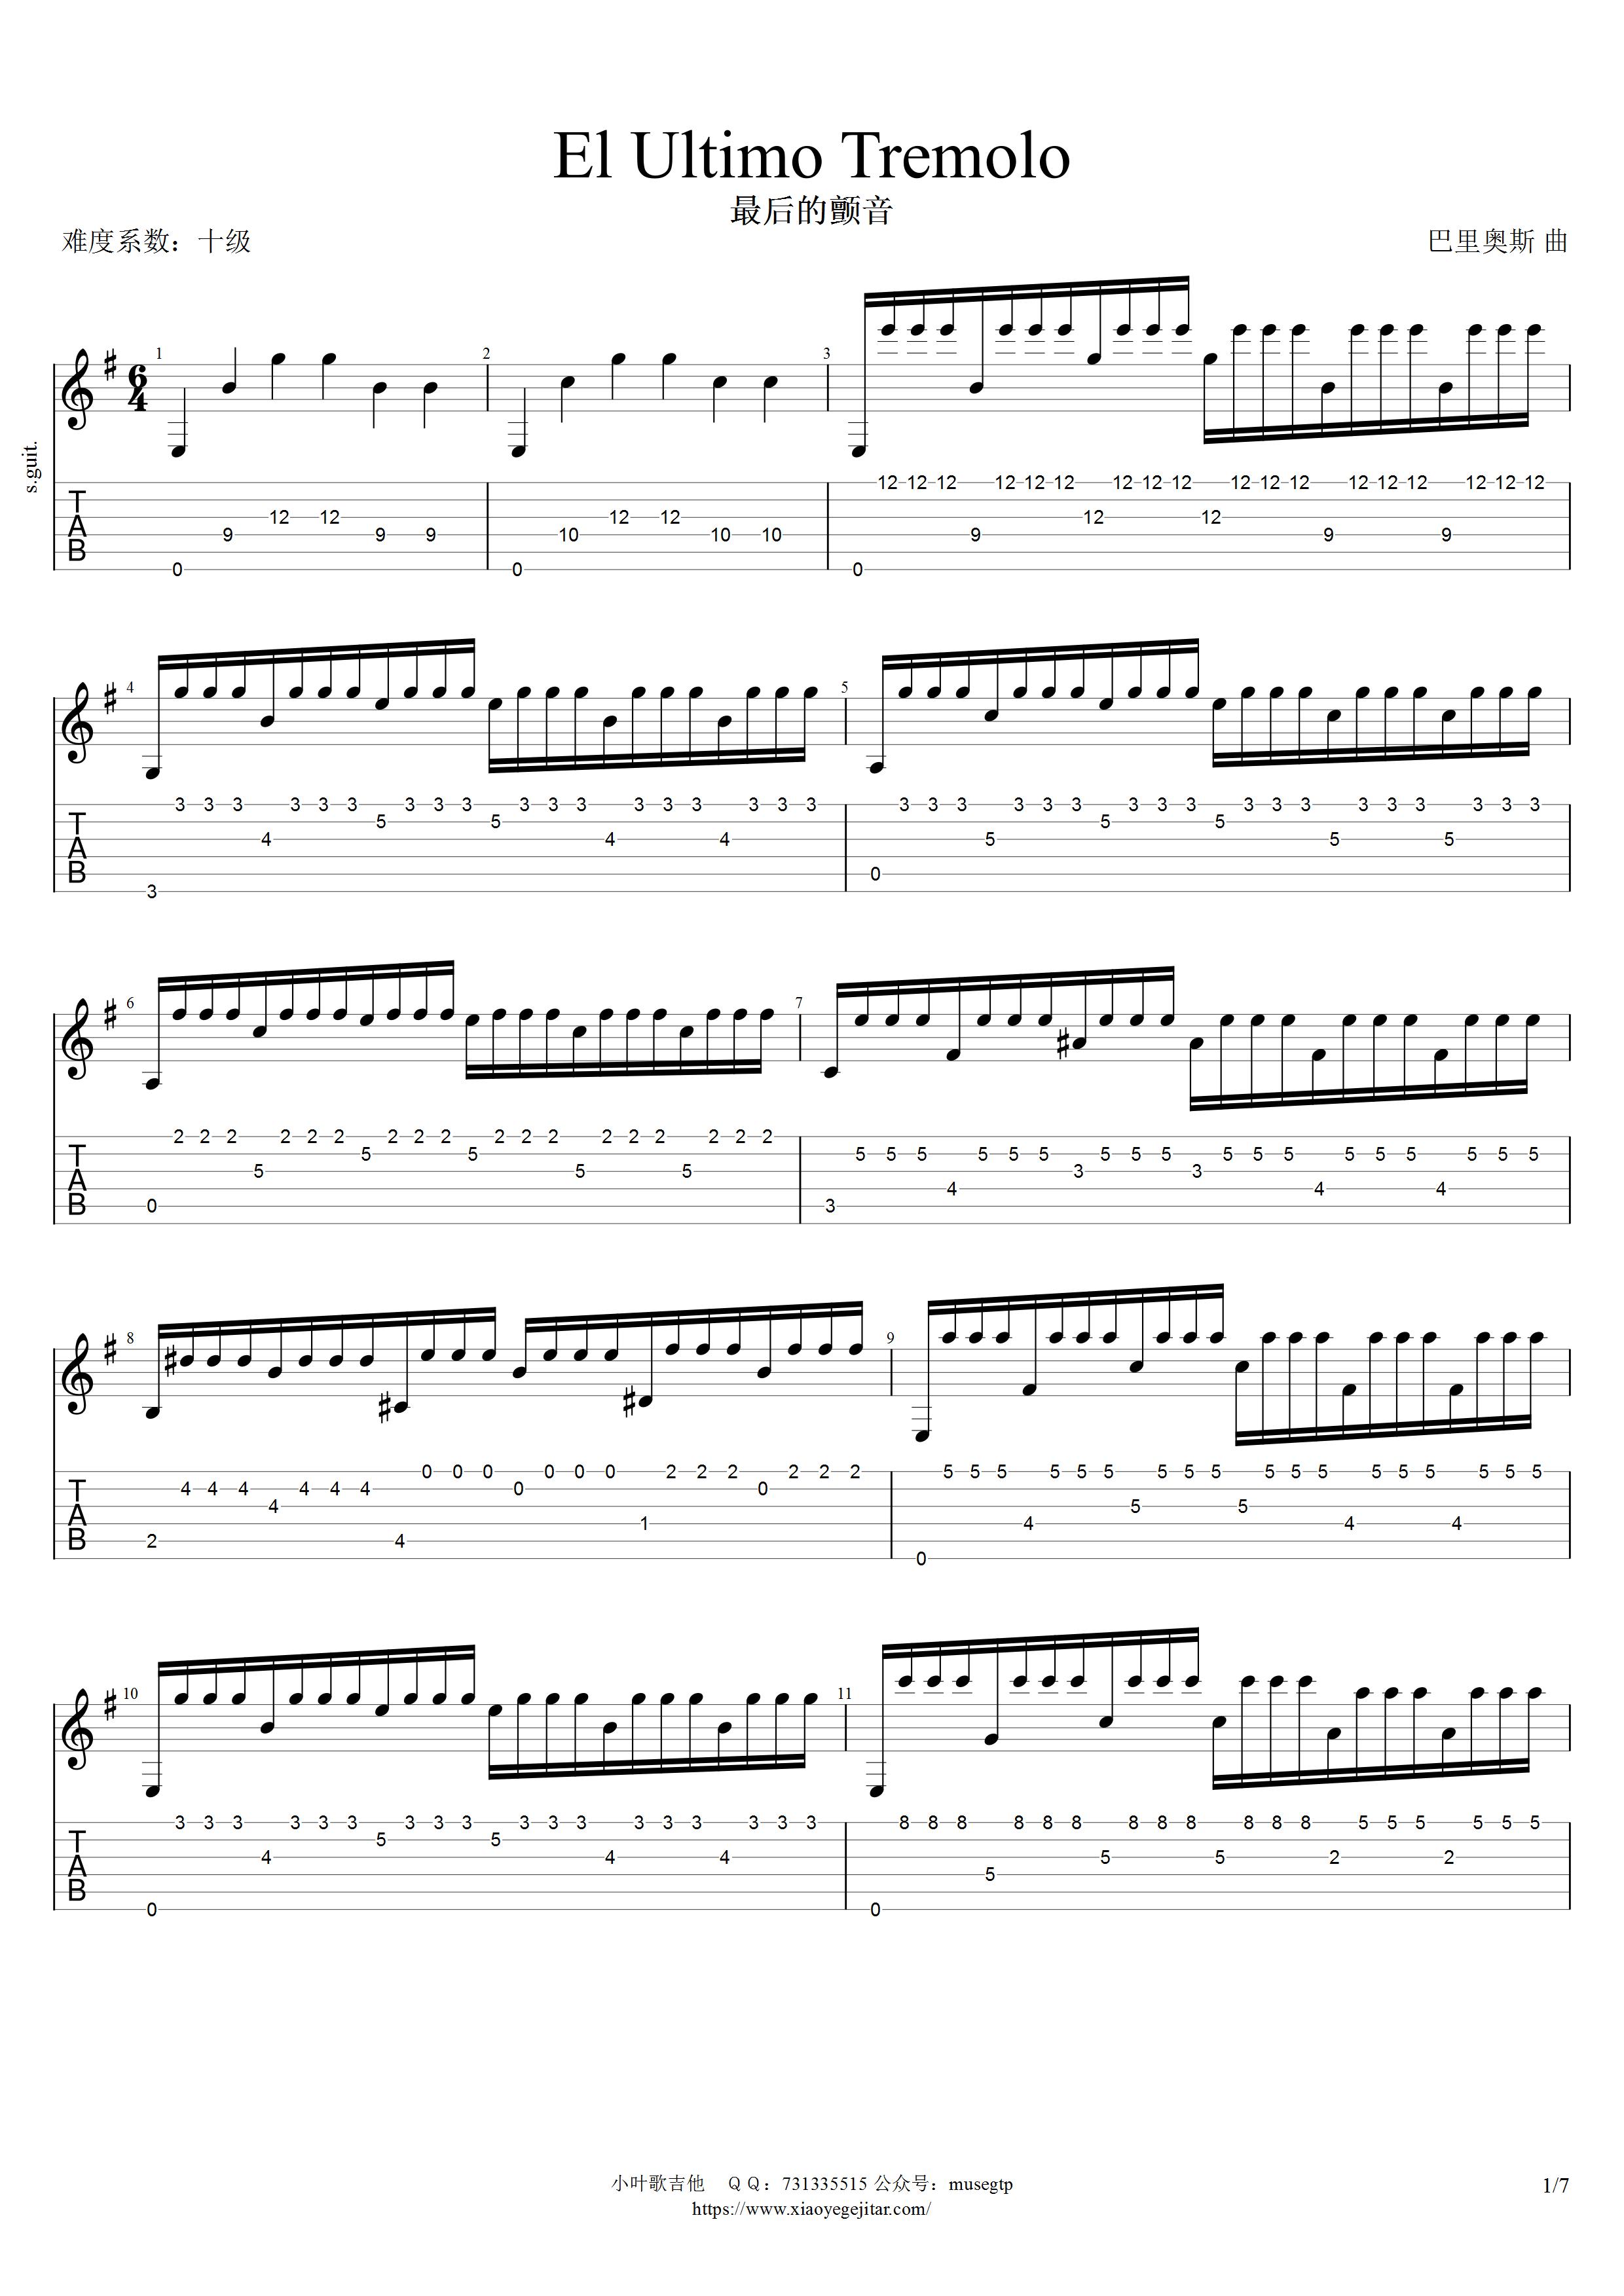 巴里奥斯《最后的颤音》吉他谱G调吉他指弹独奏谱_考级十级